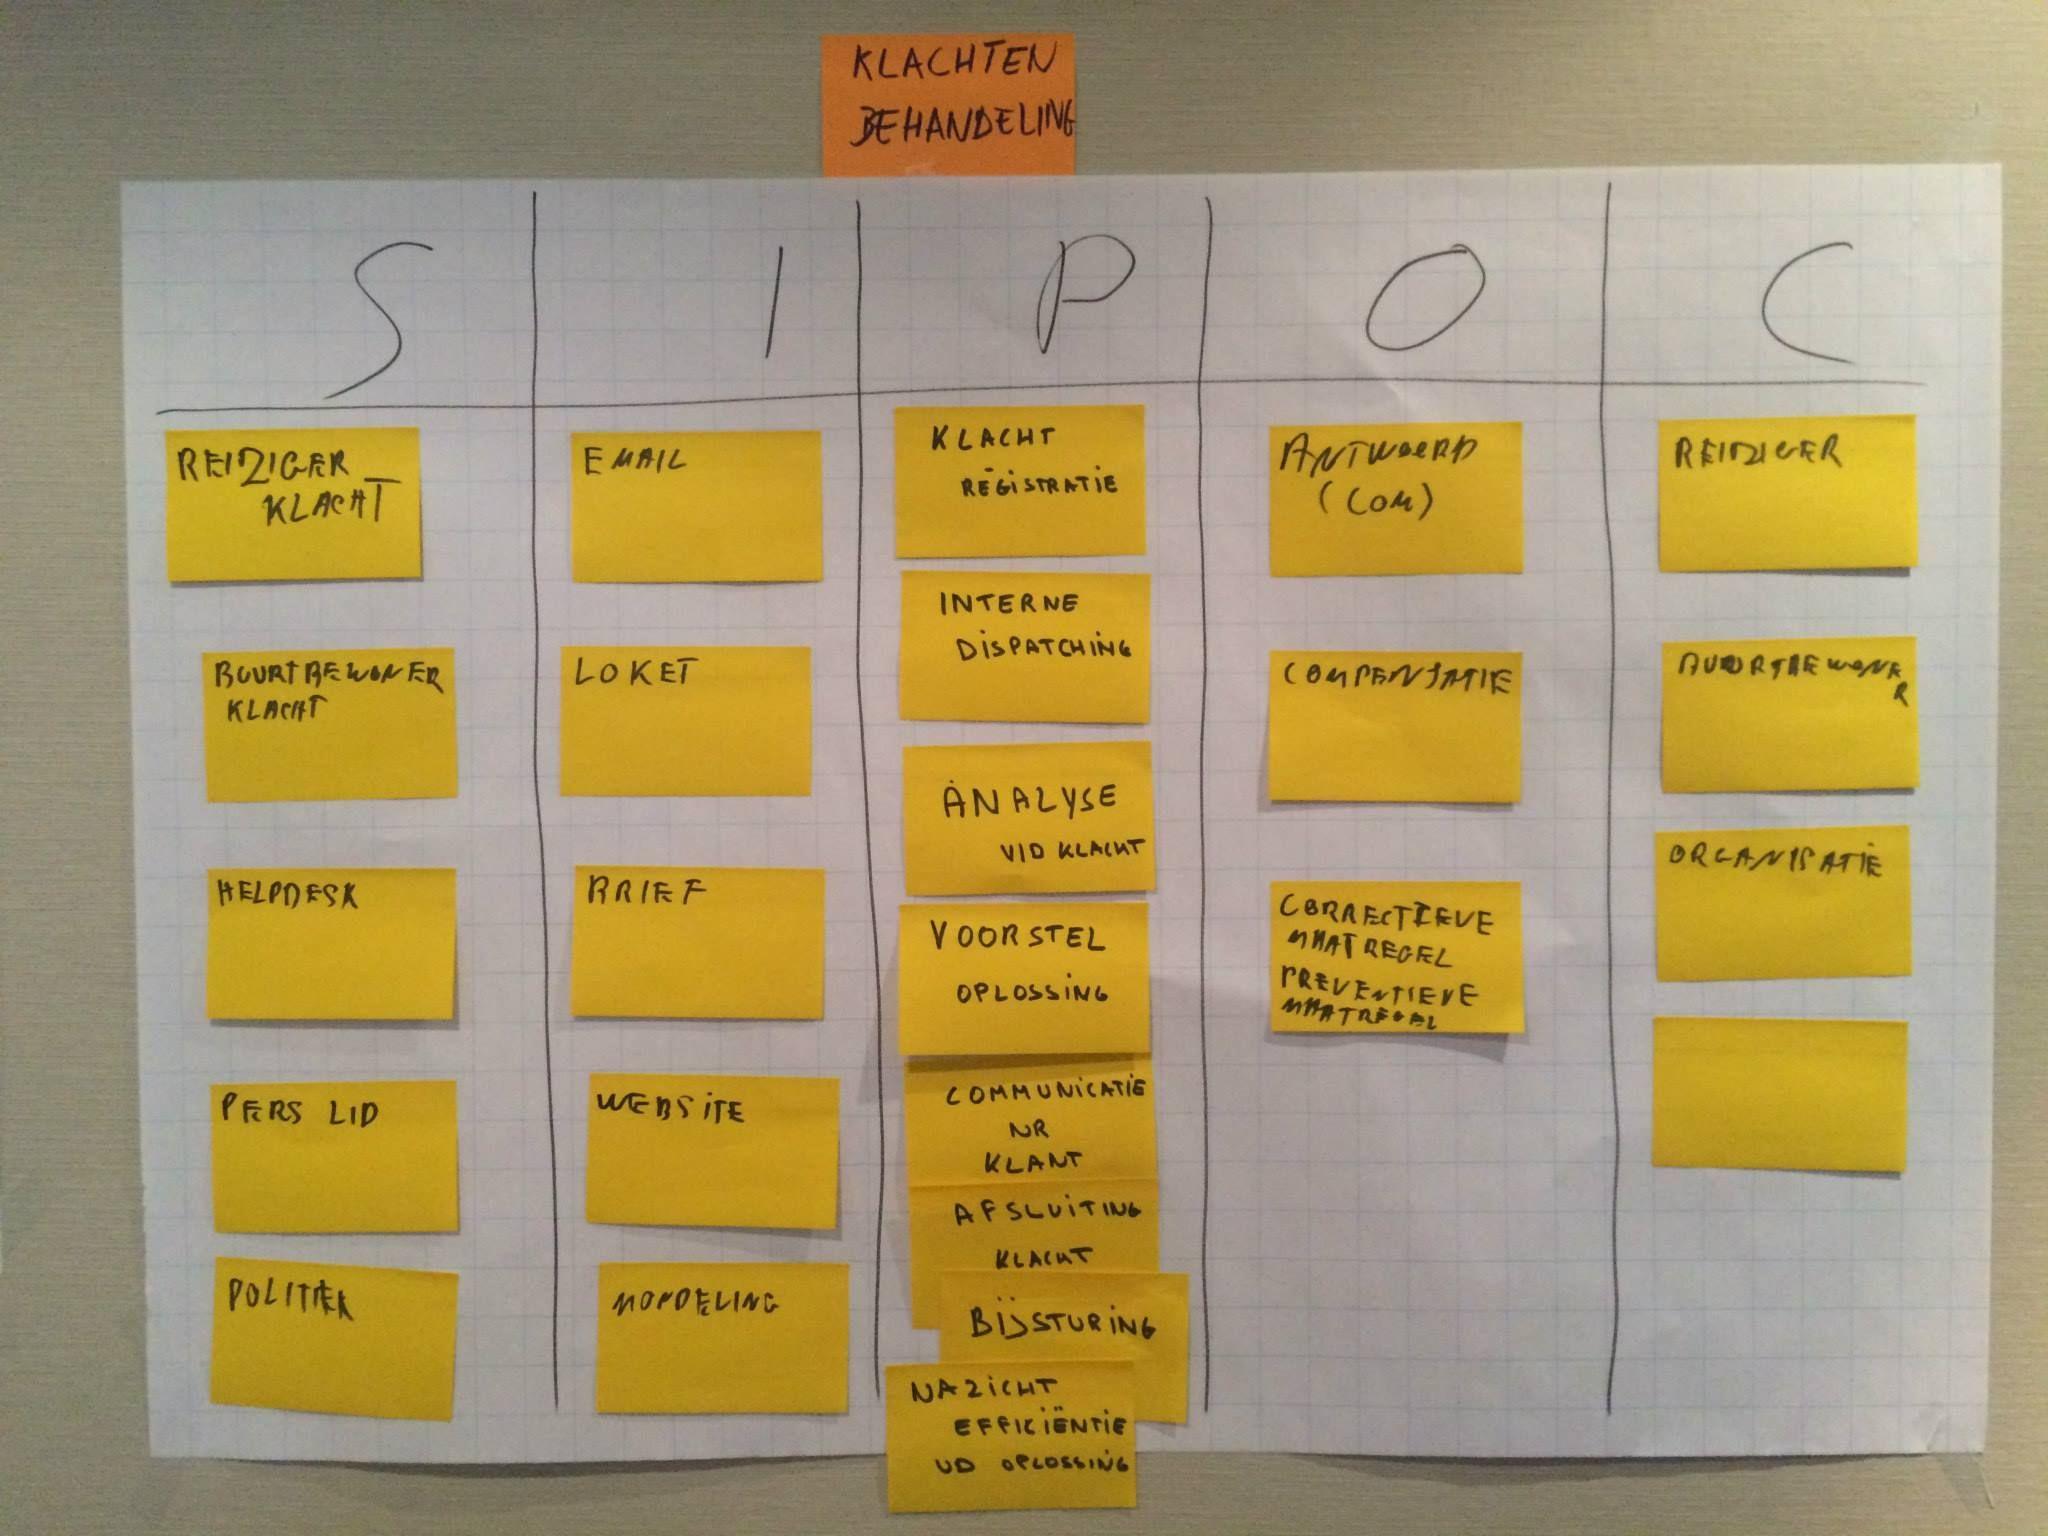 Example Sipoc Diagram Template Gm Alternator Wiring External Regulator Een Pinterest